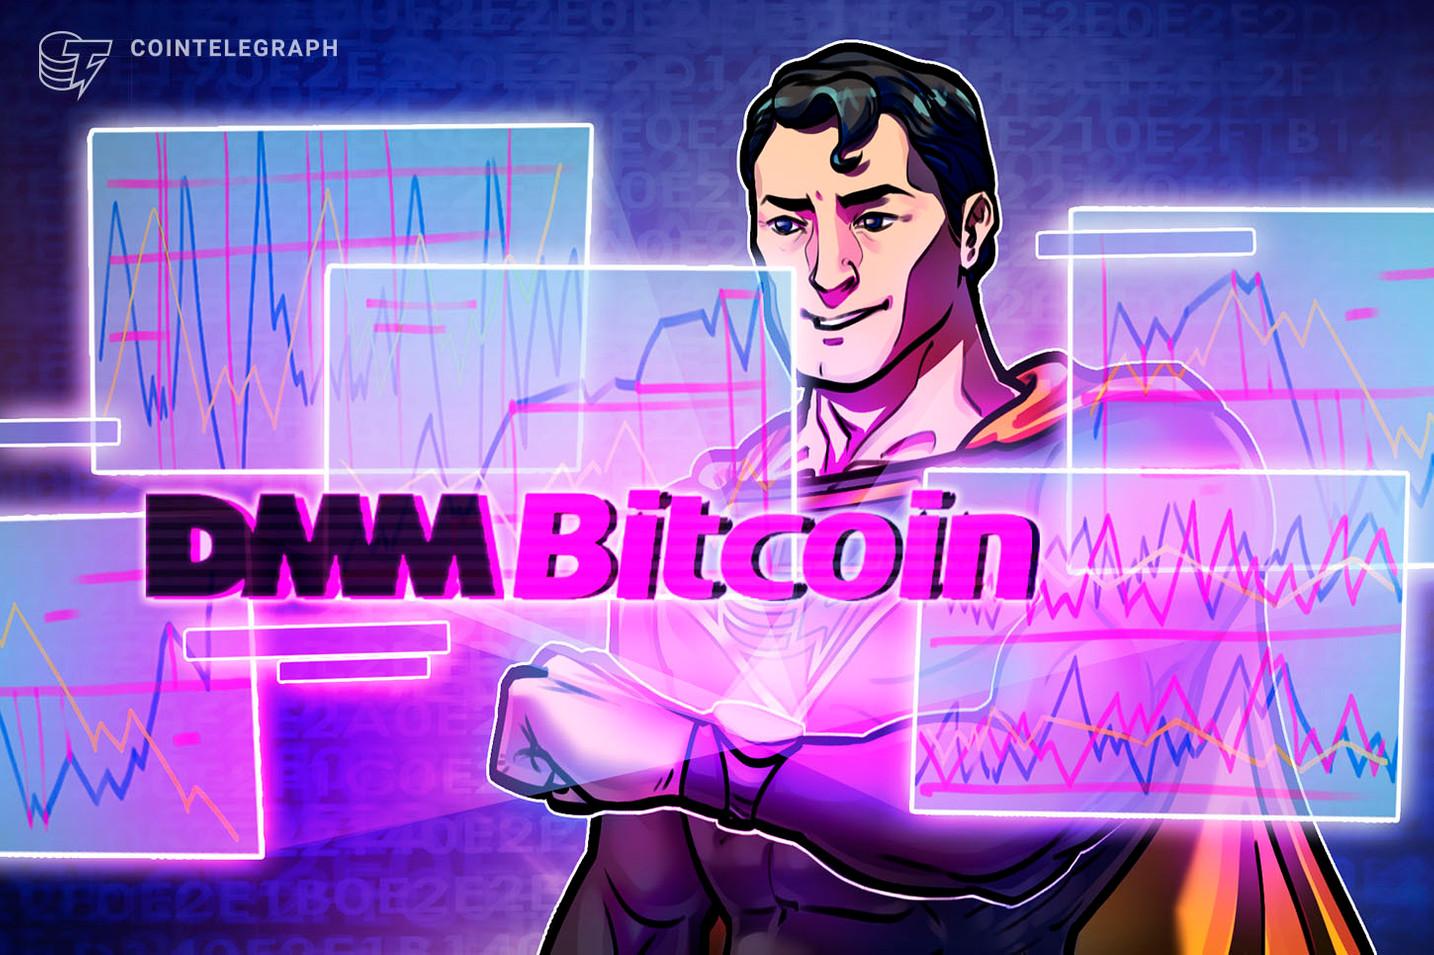 ビットコイン、次の展開への注目の価格は?【仮想通貨相場】